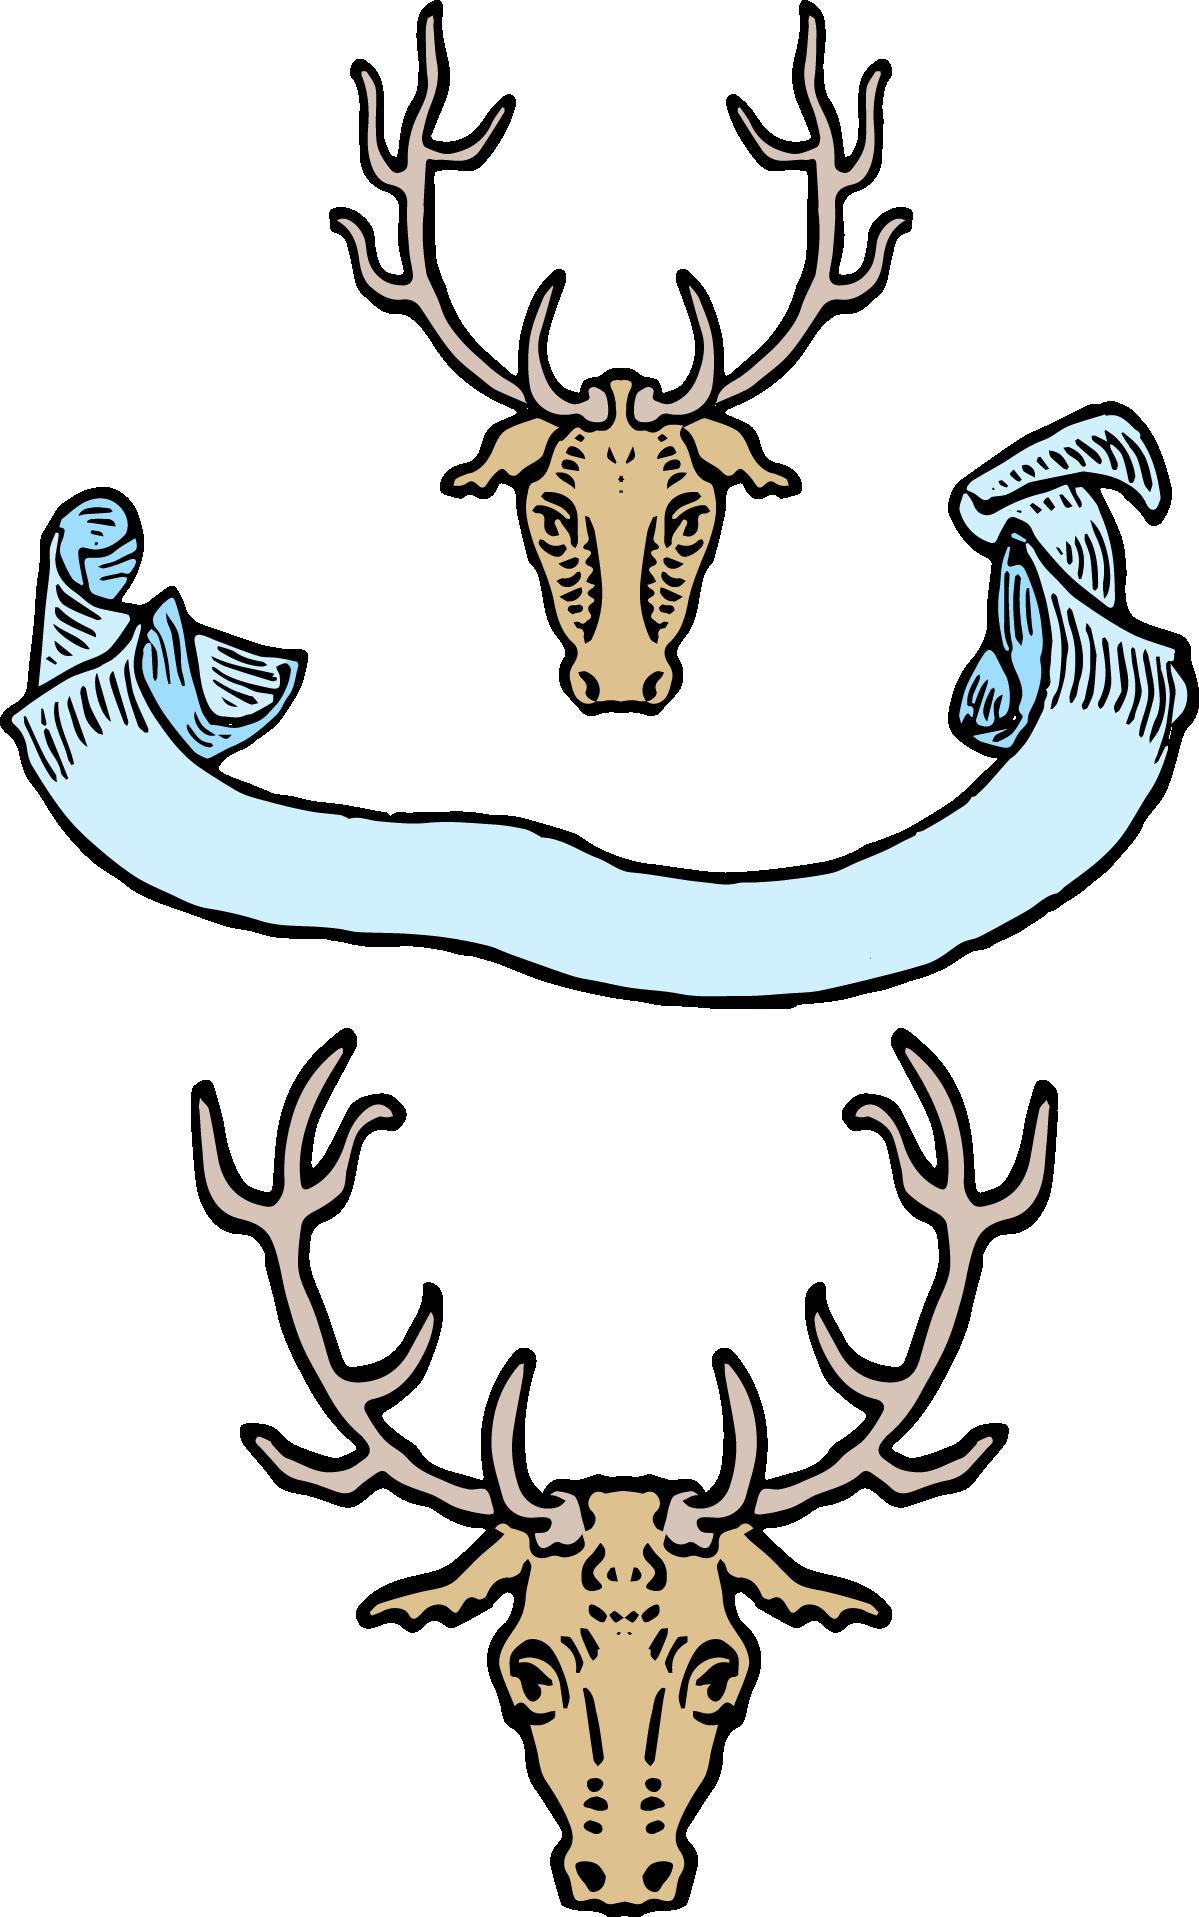 jpg free download Vintage deer image freebie. Western flourish clipart